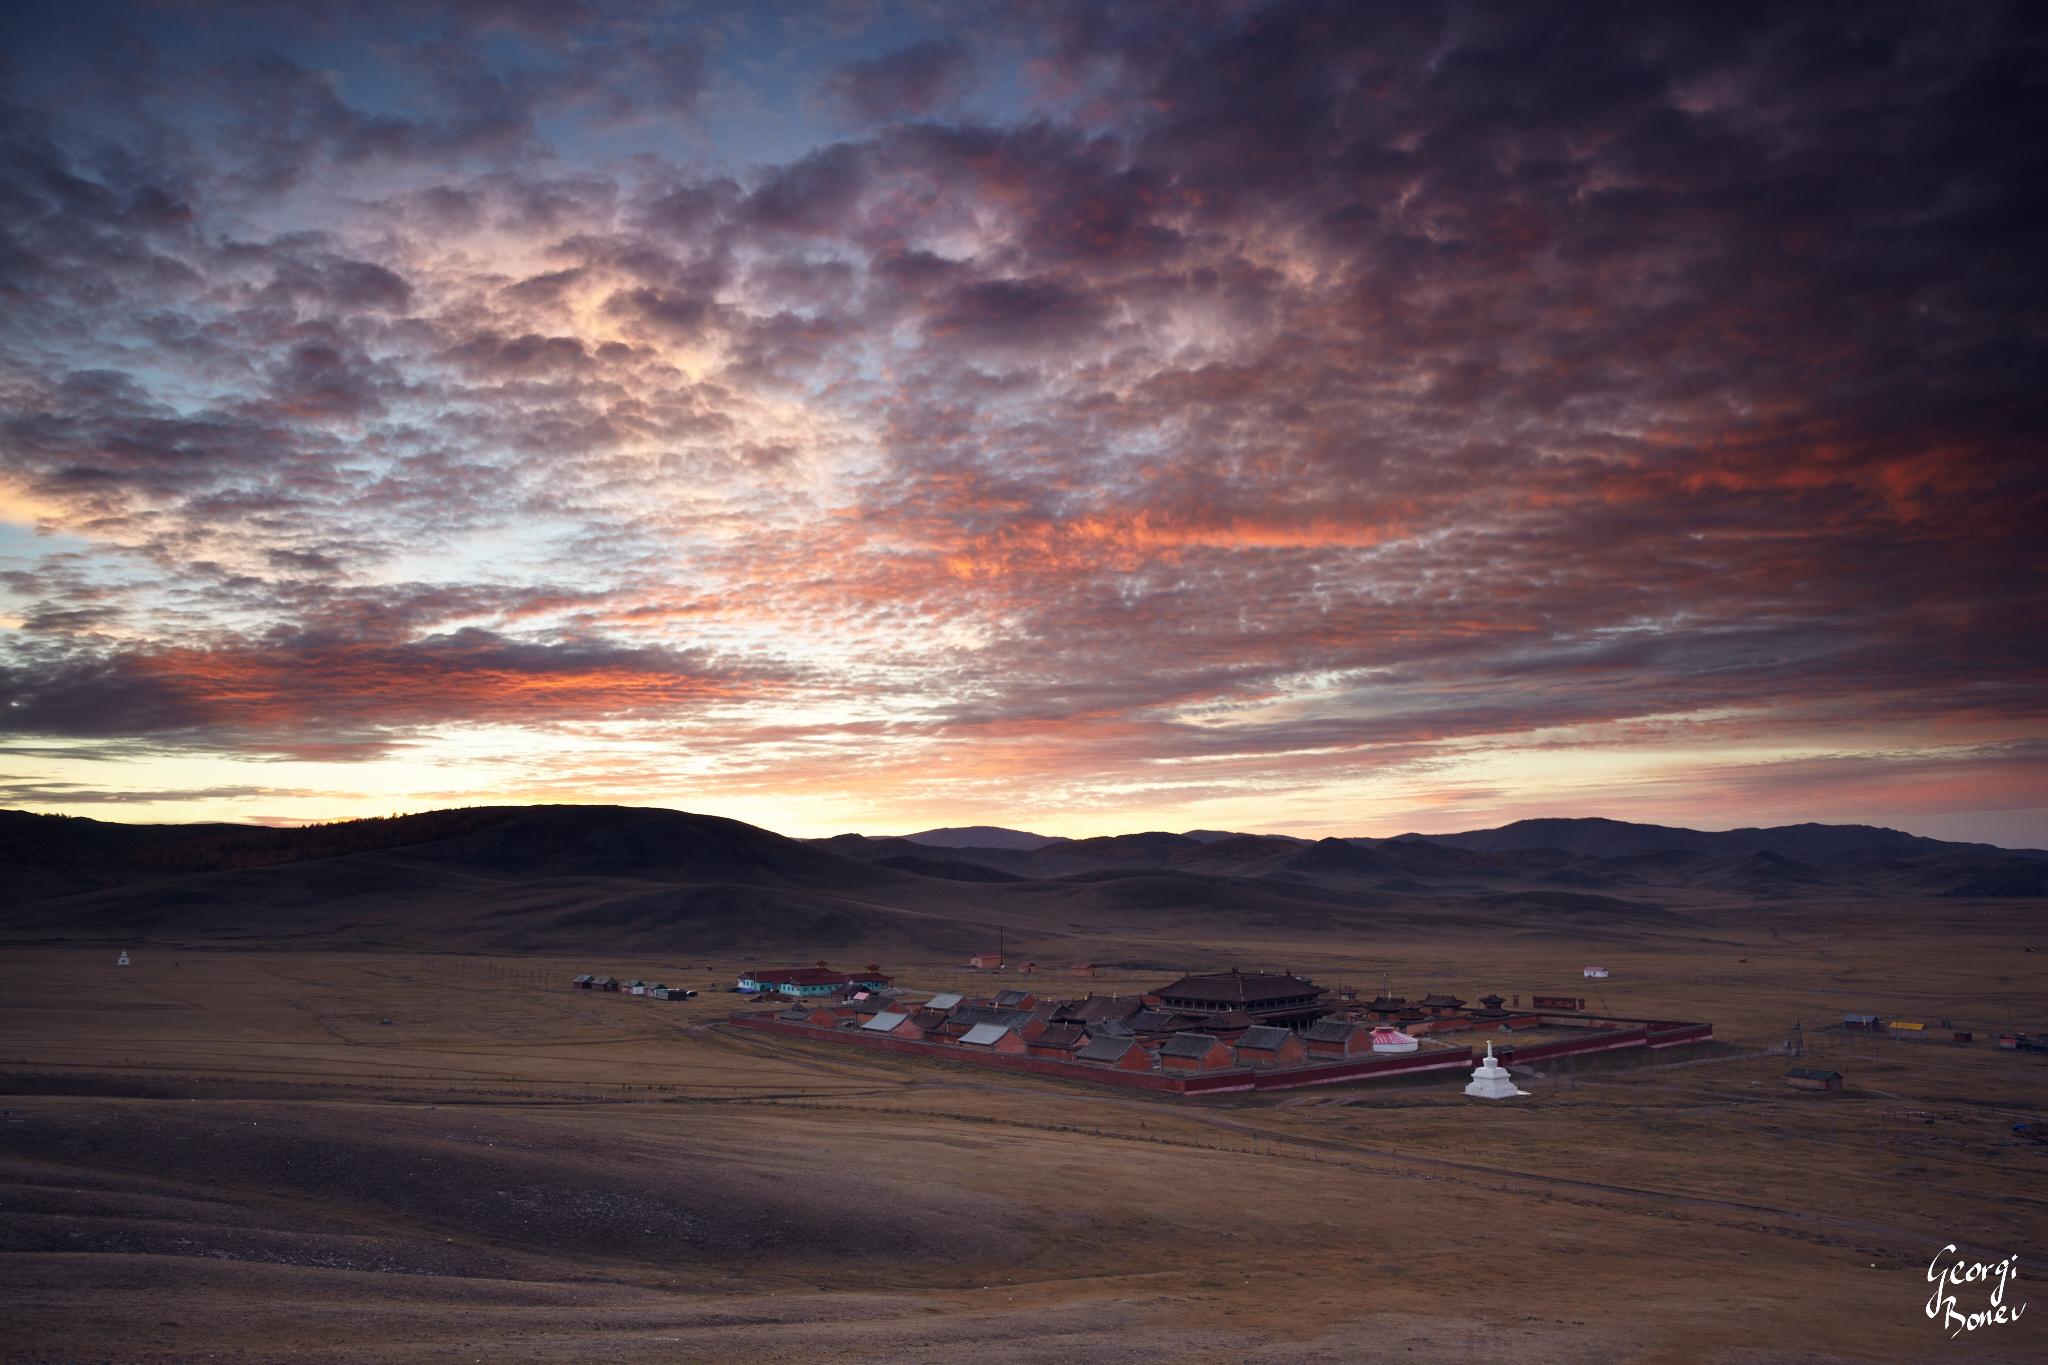 TWILIGHT ABOVE AMARBAYASGALANT MONASTERY, MONGOLIA